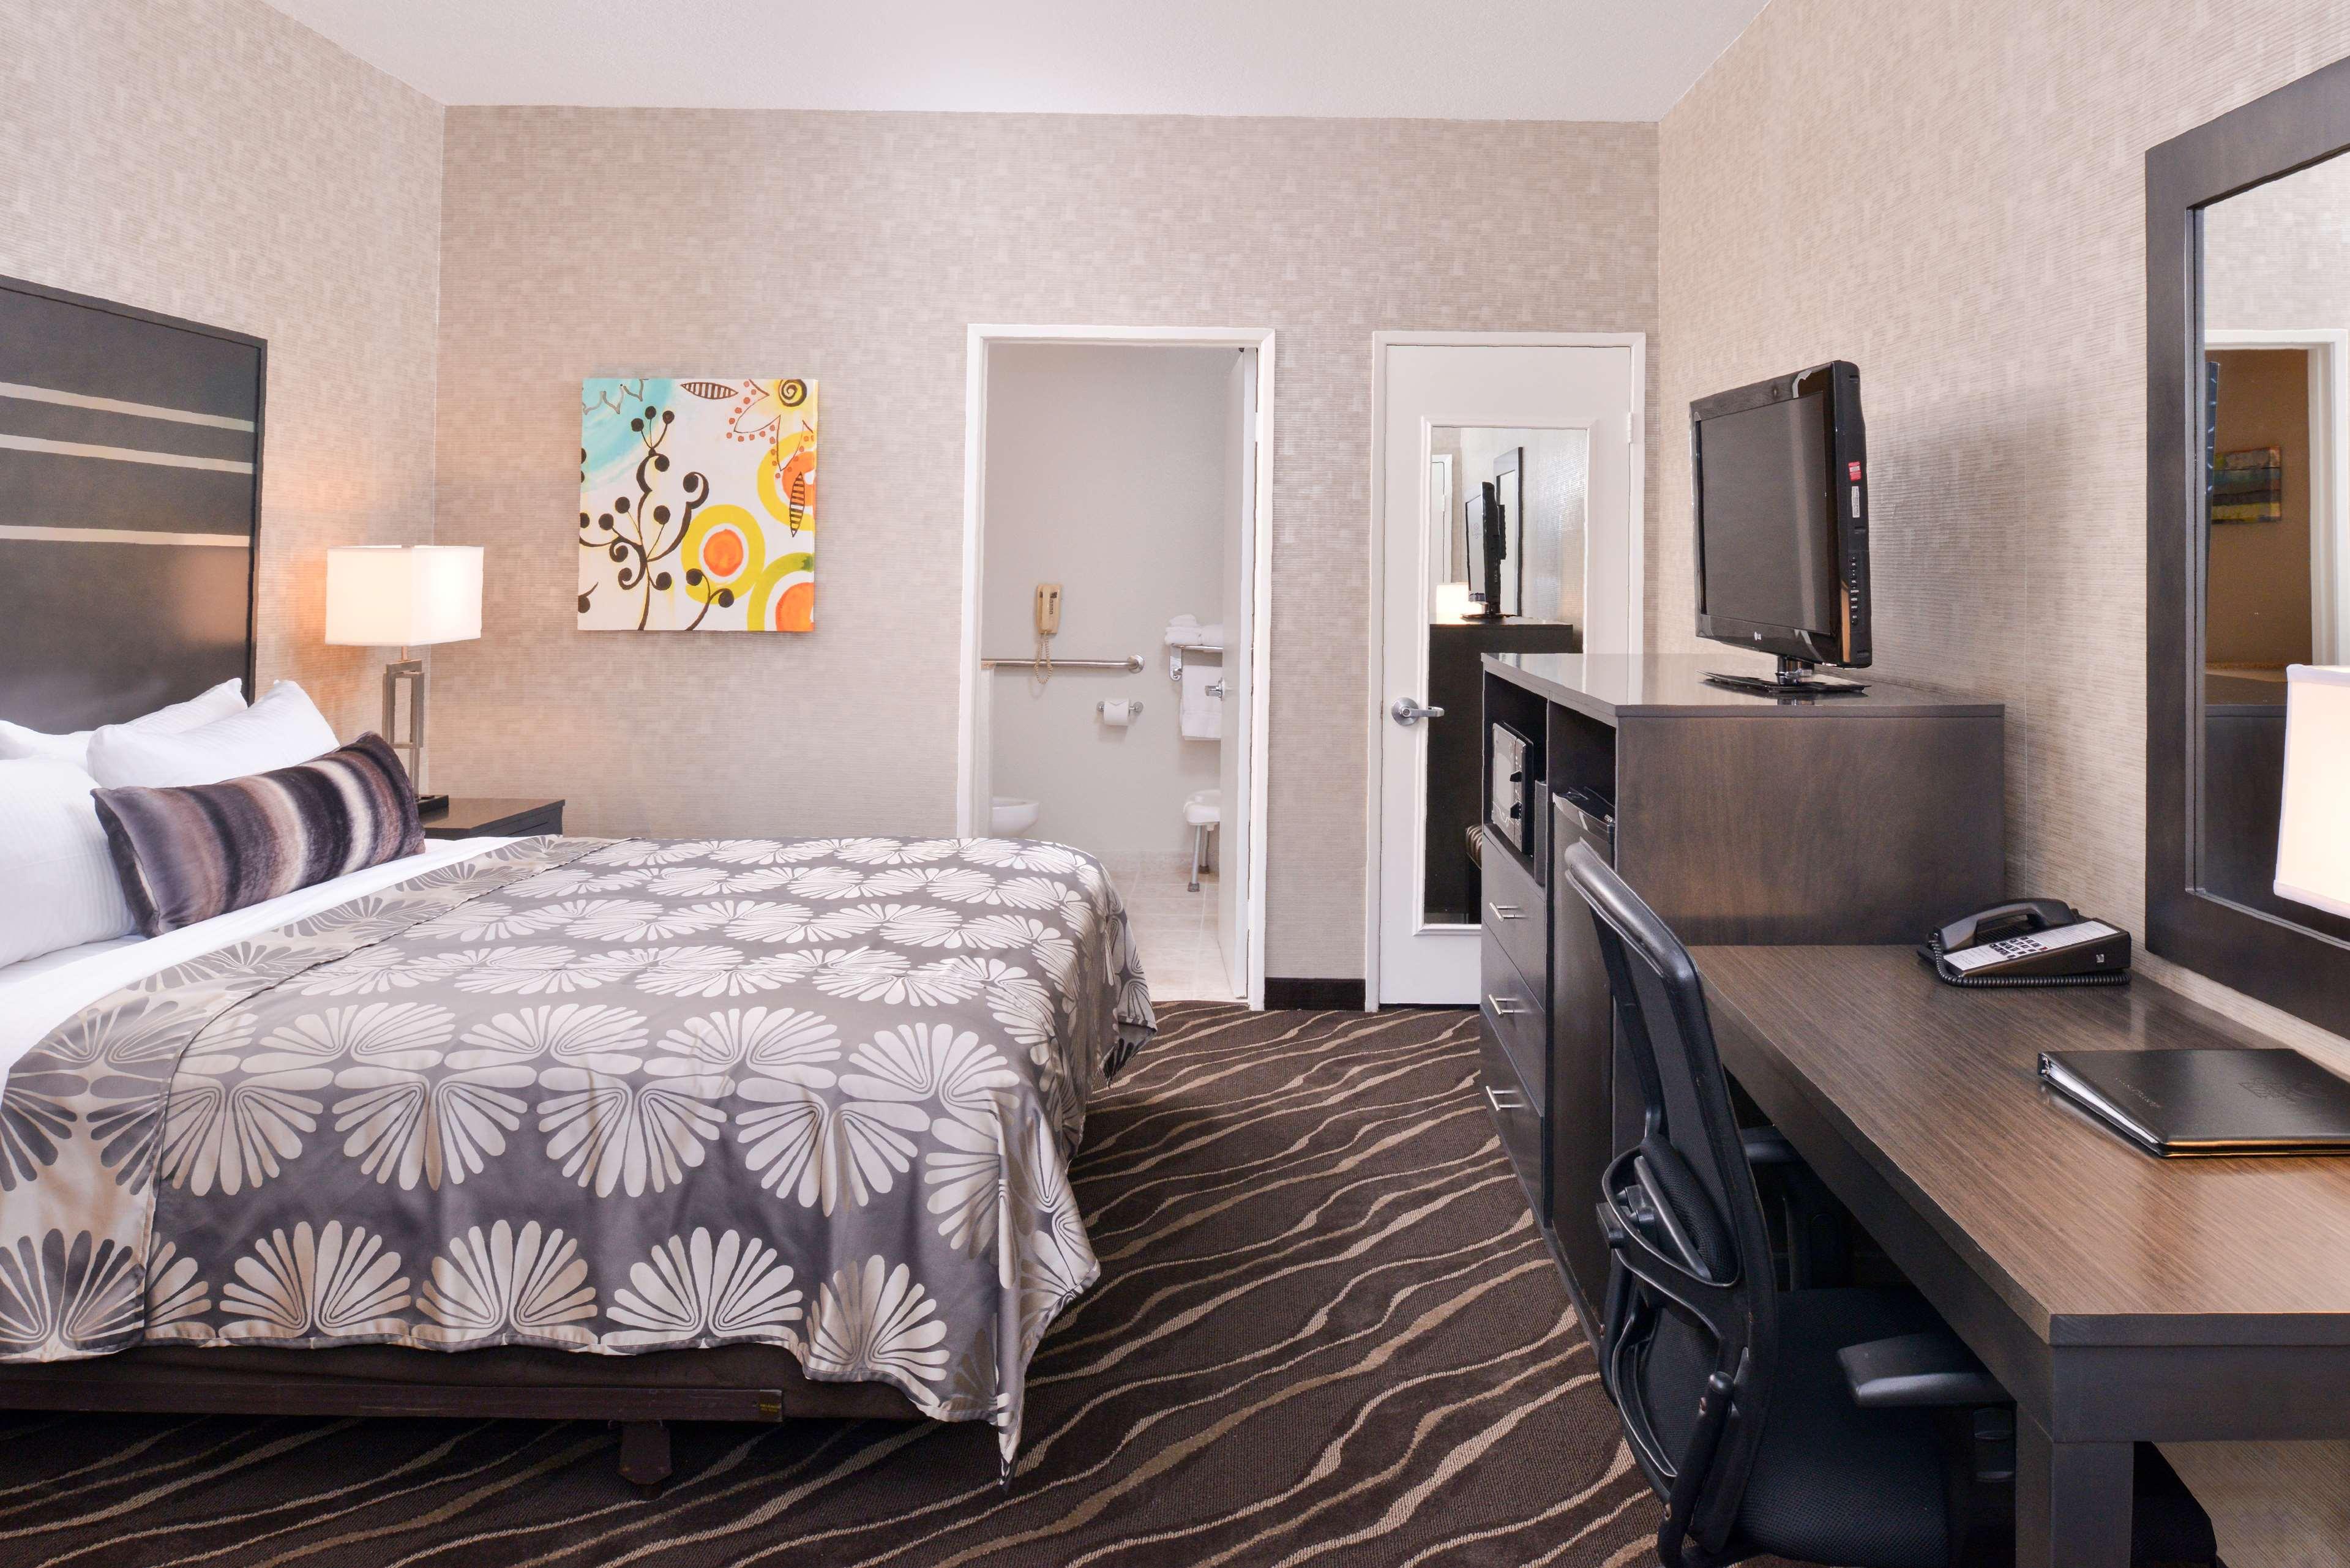 Best Western Plus Park Place Inn - Mini Suites image 27